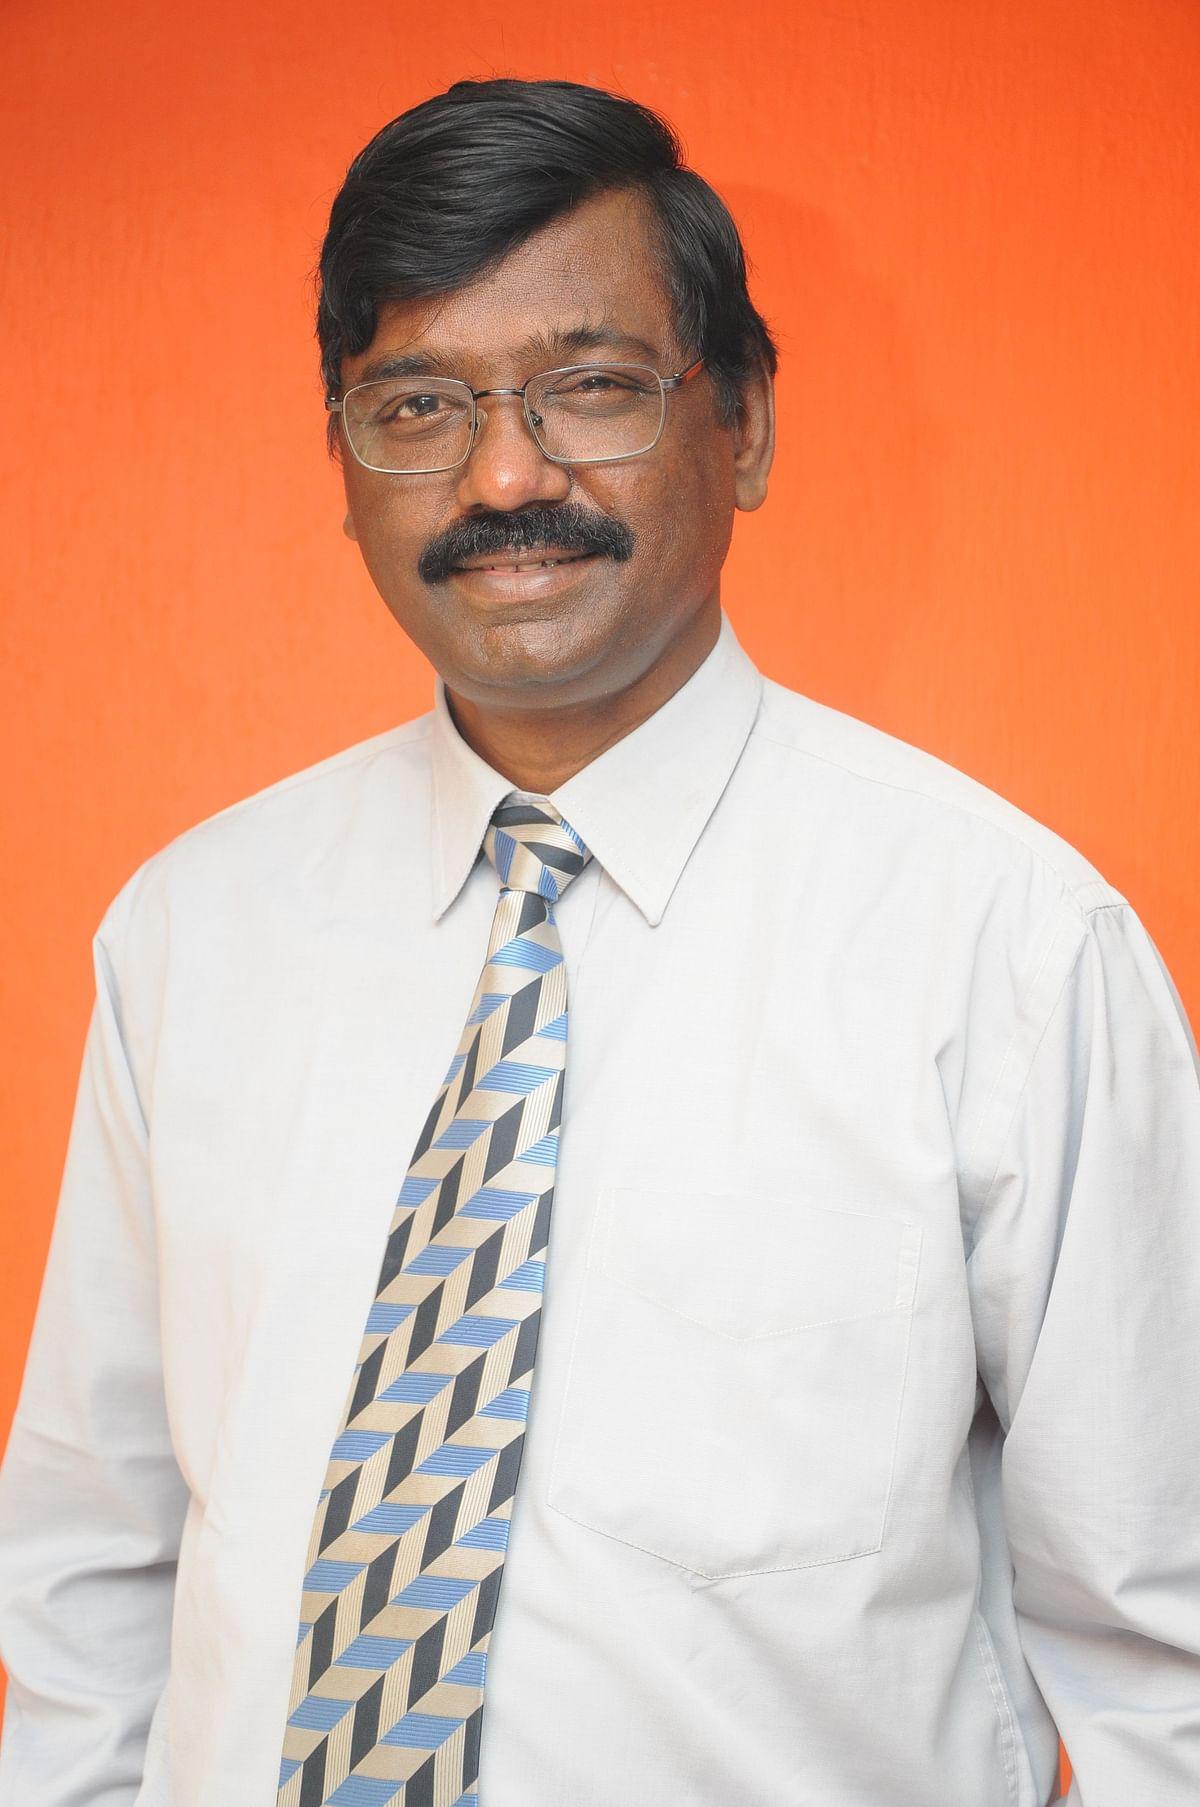 பங்குச்சந்தை நிபுணர் தி.ரா.அருள்ராஜன்